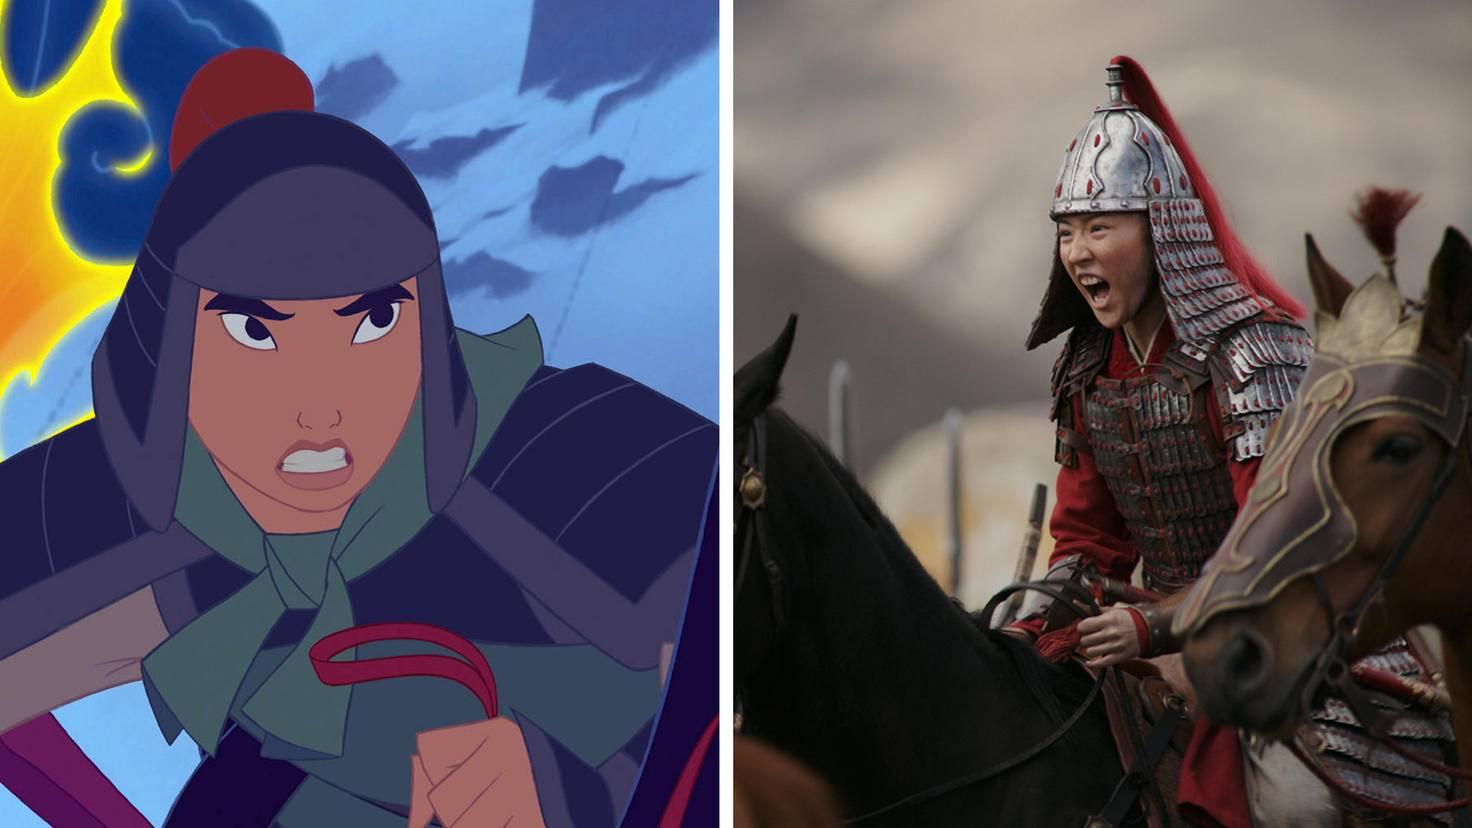 Optisch haben die Macher im Vergleich zum Animationsfilm nicht viel verändert.